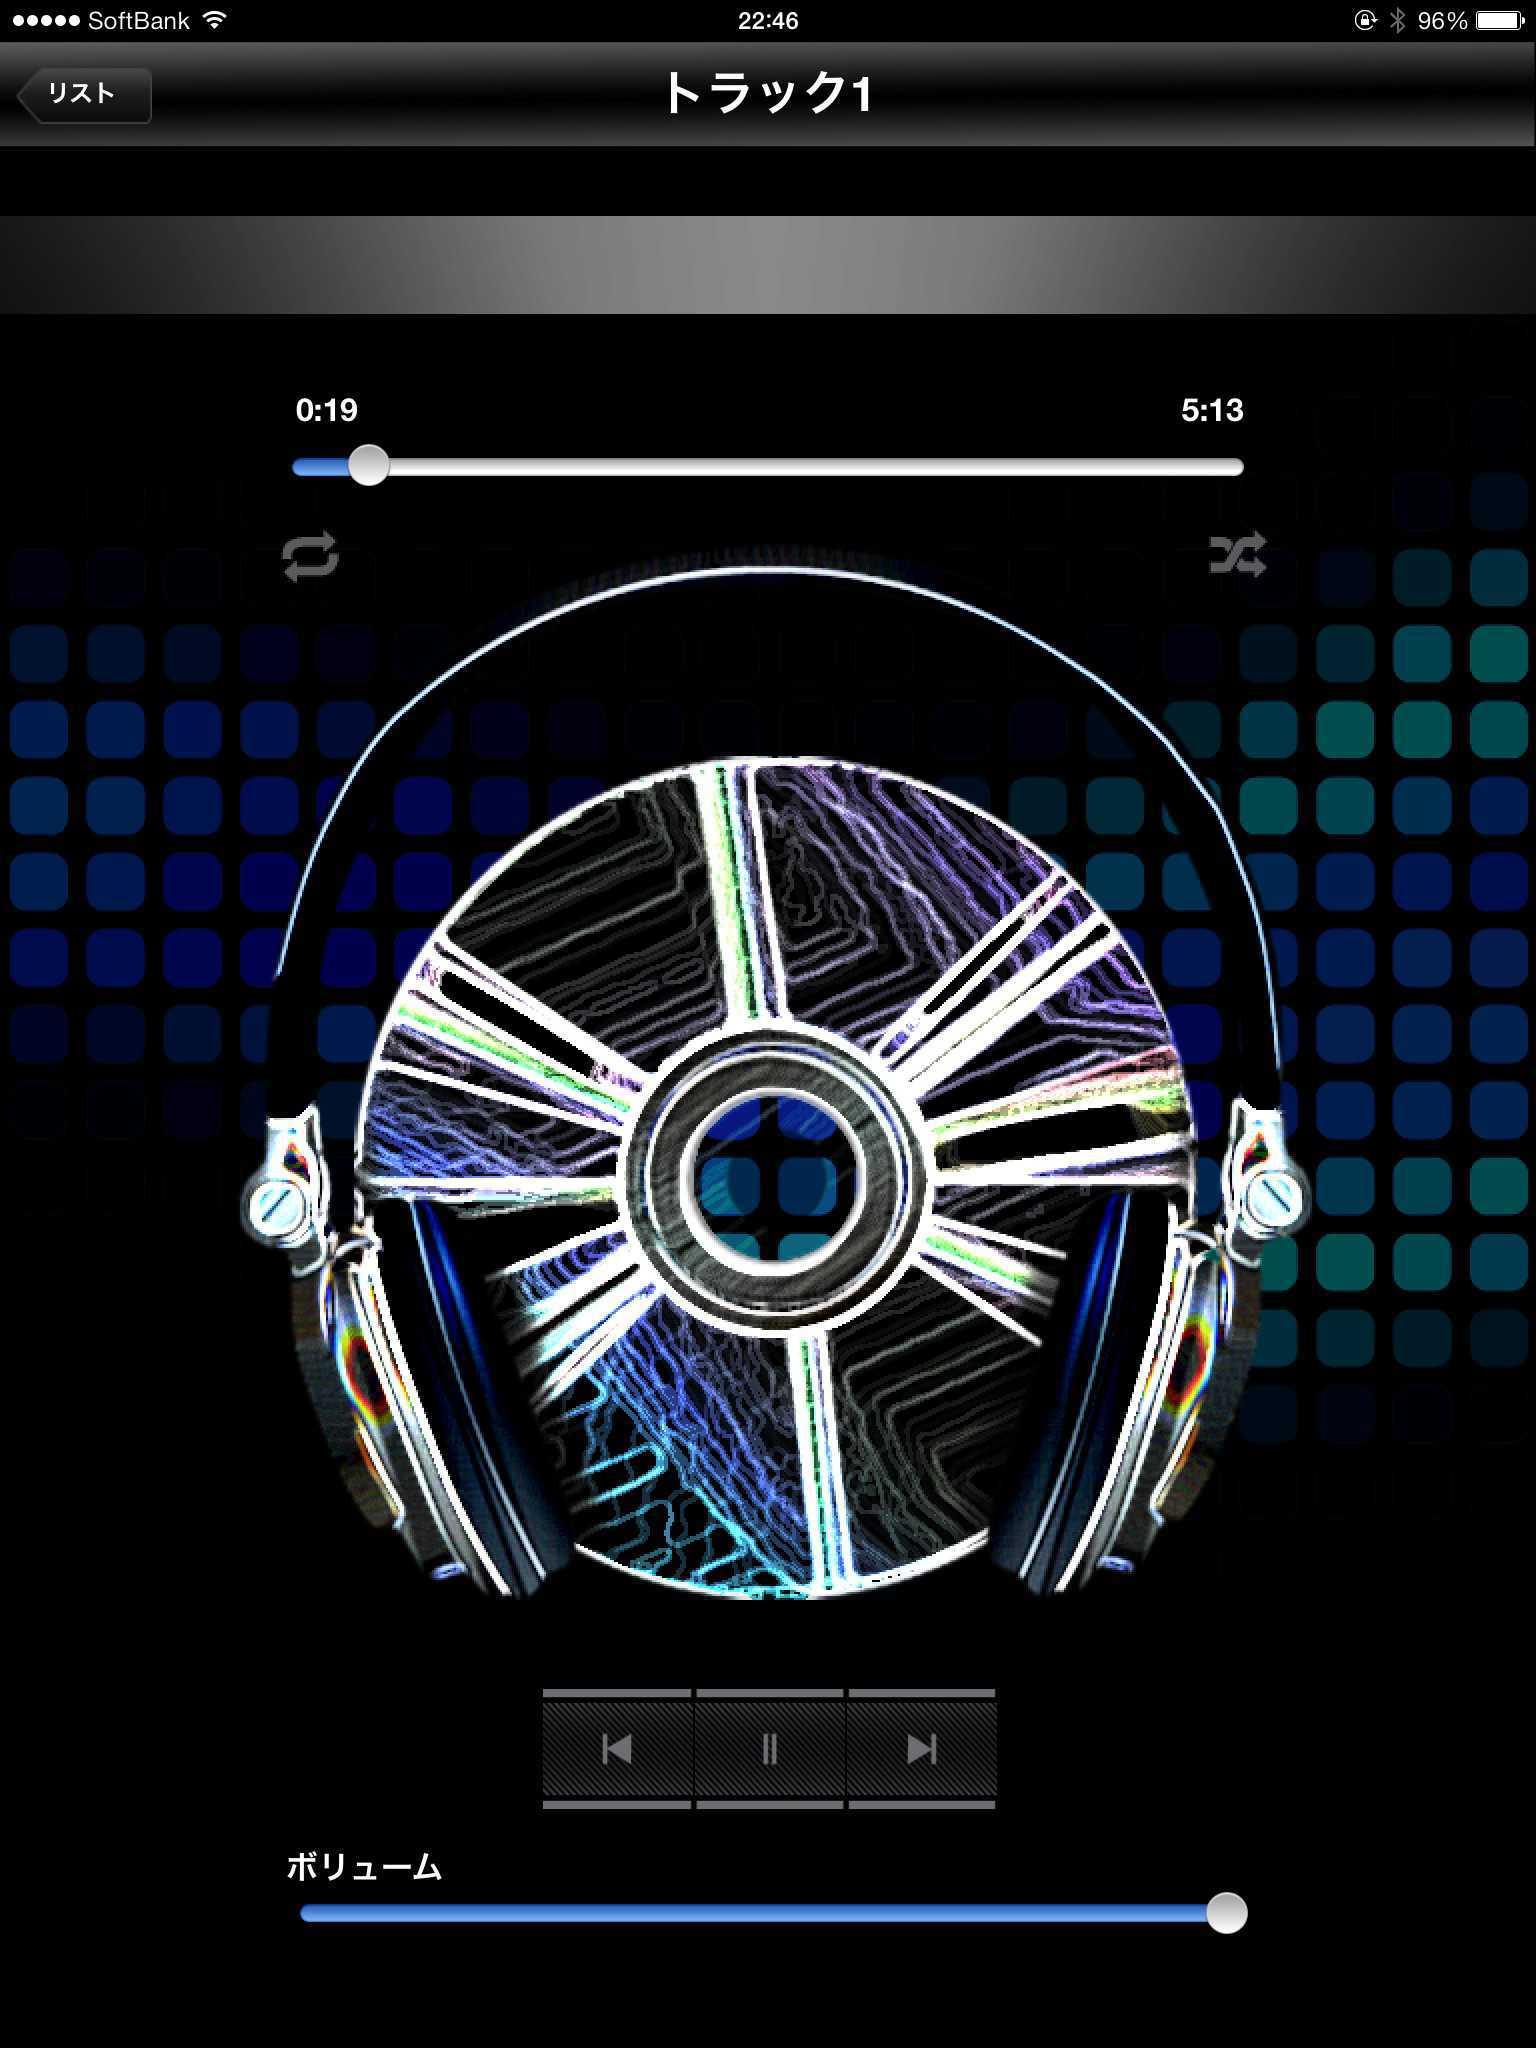 無線経由でiPhone/iPadで音楽再生も可能。